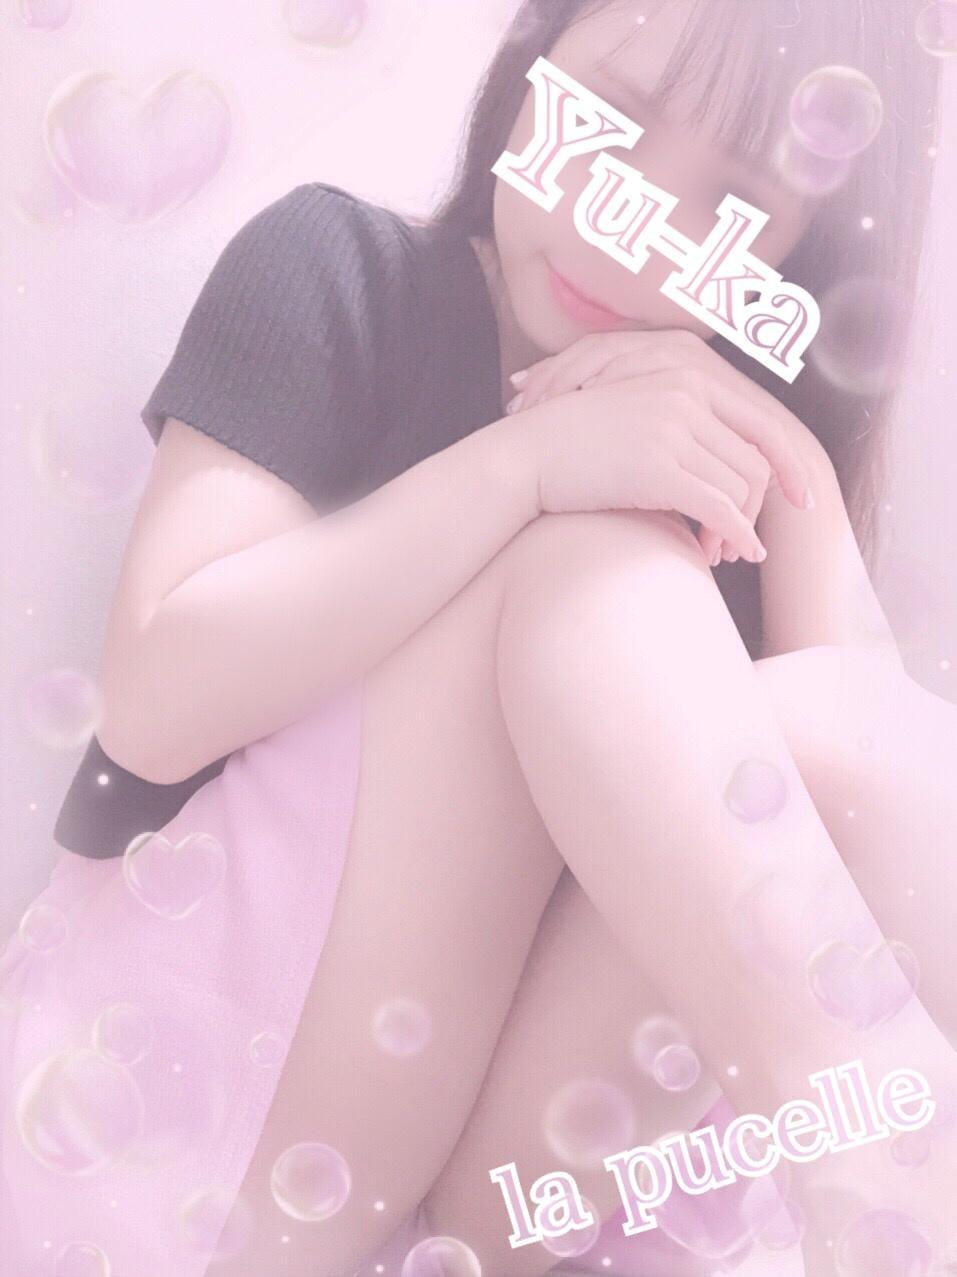 「ありがとうございます(*ˊ˘ˋ*)♡」01/24(金) 00:18 | ゆうかの写メ・風俗動画